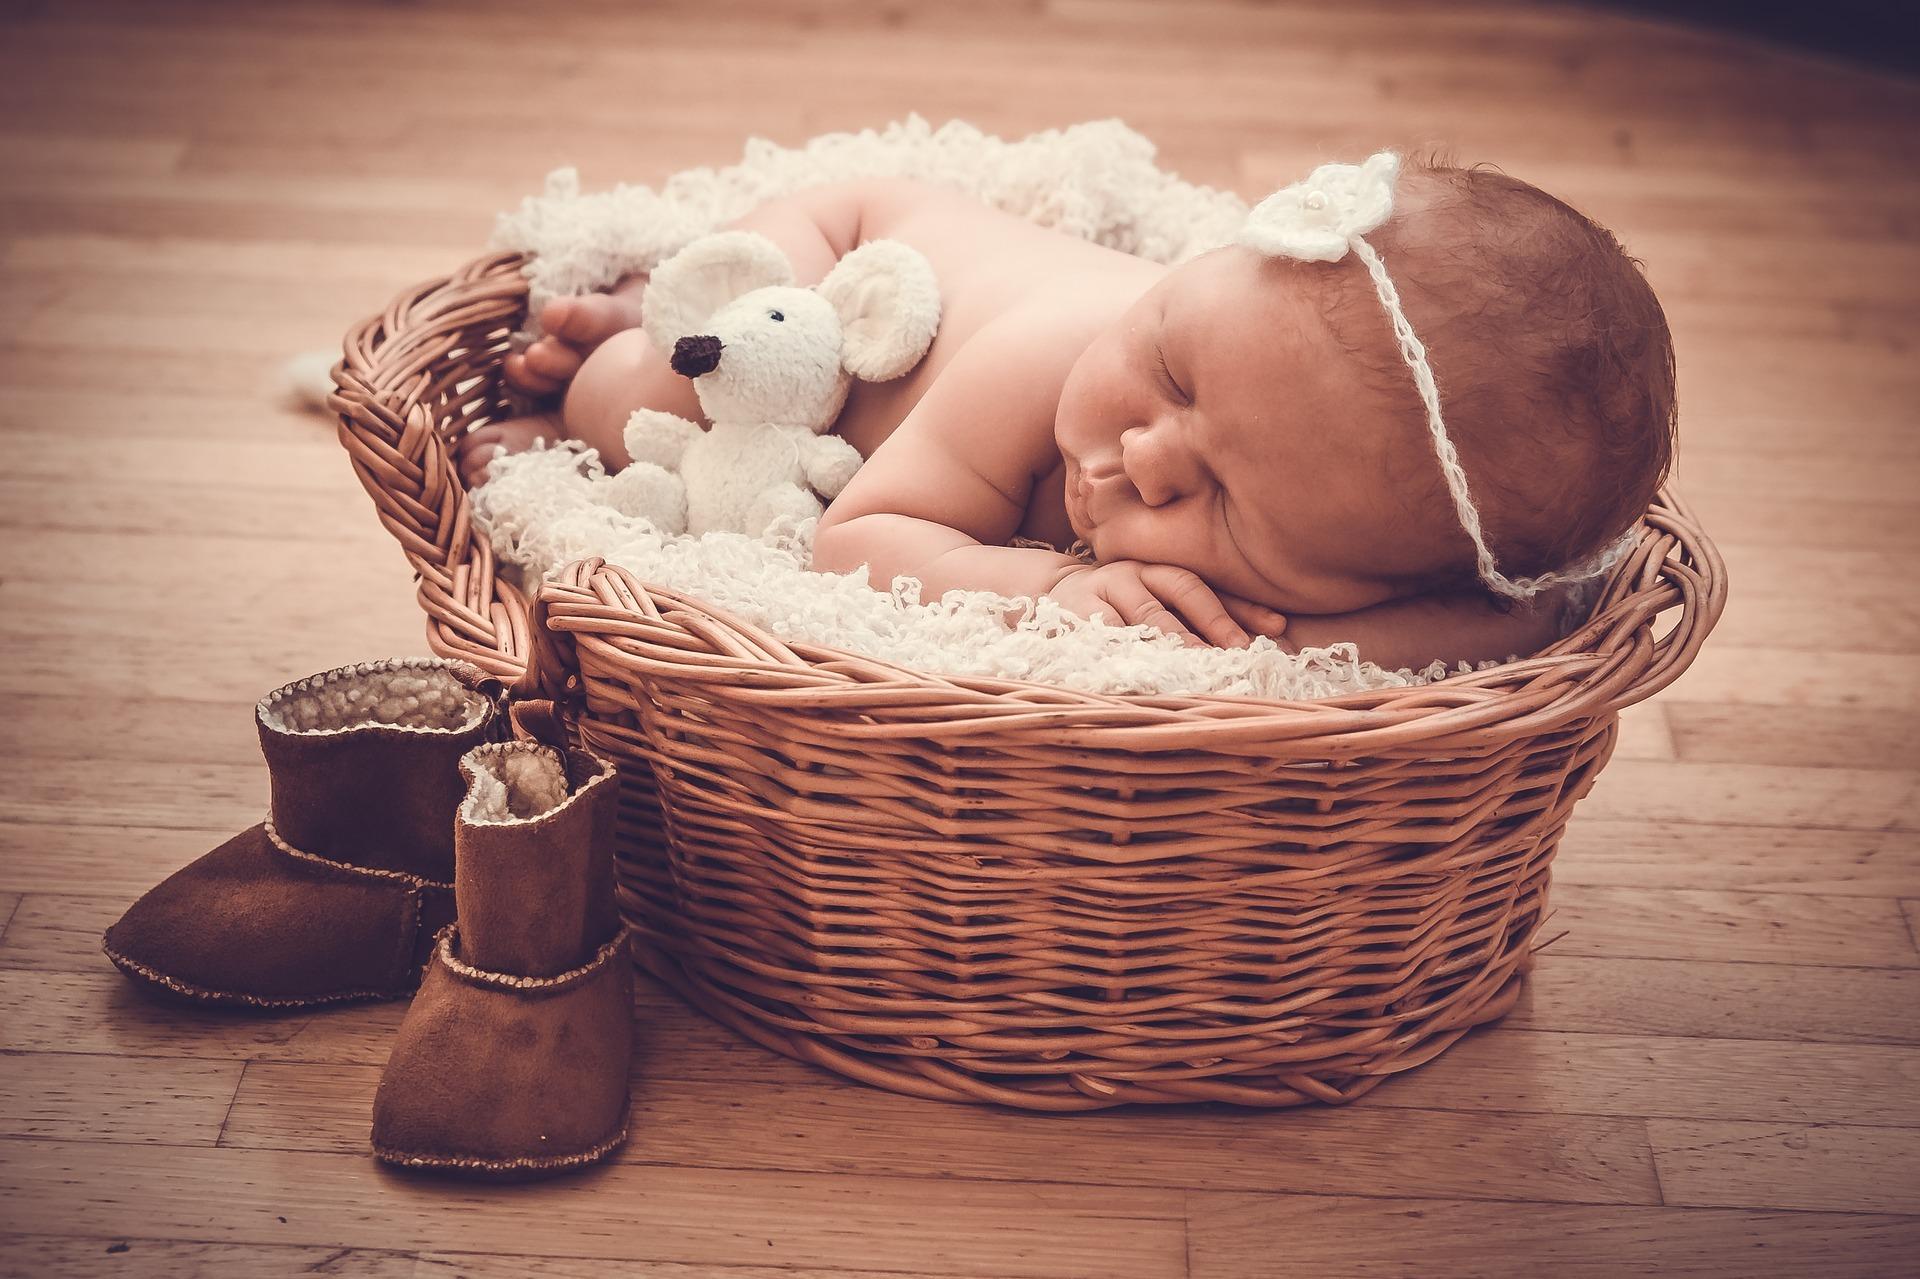 fait ses nuits bébé